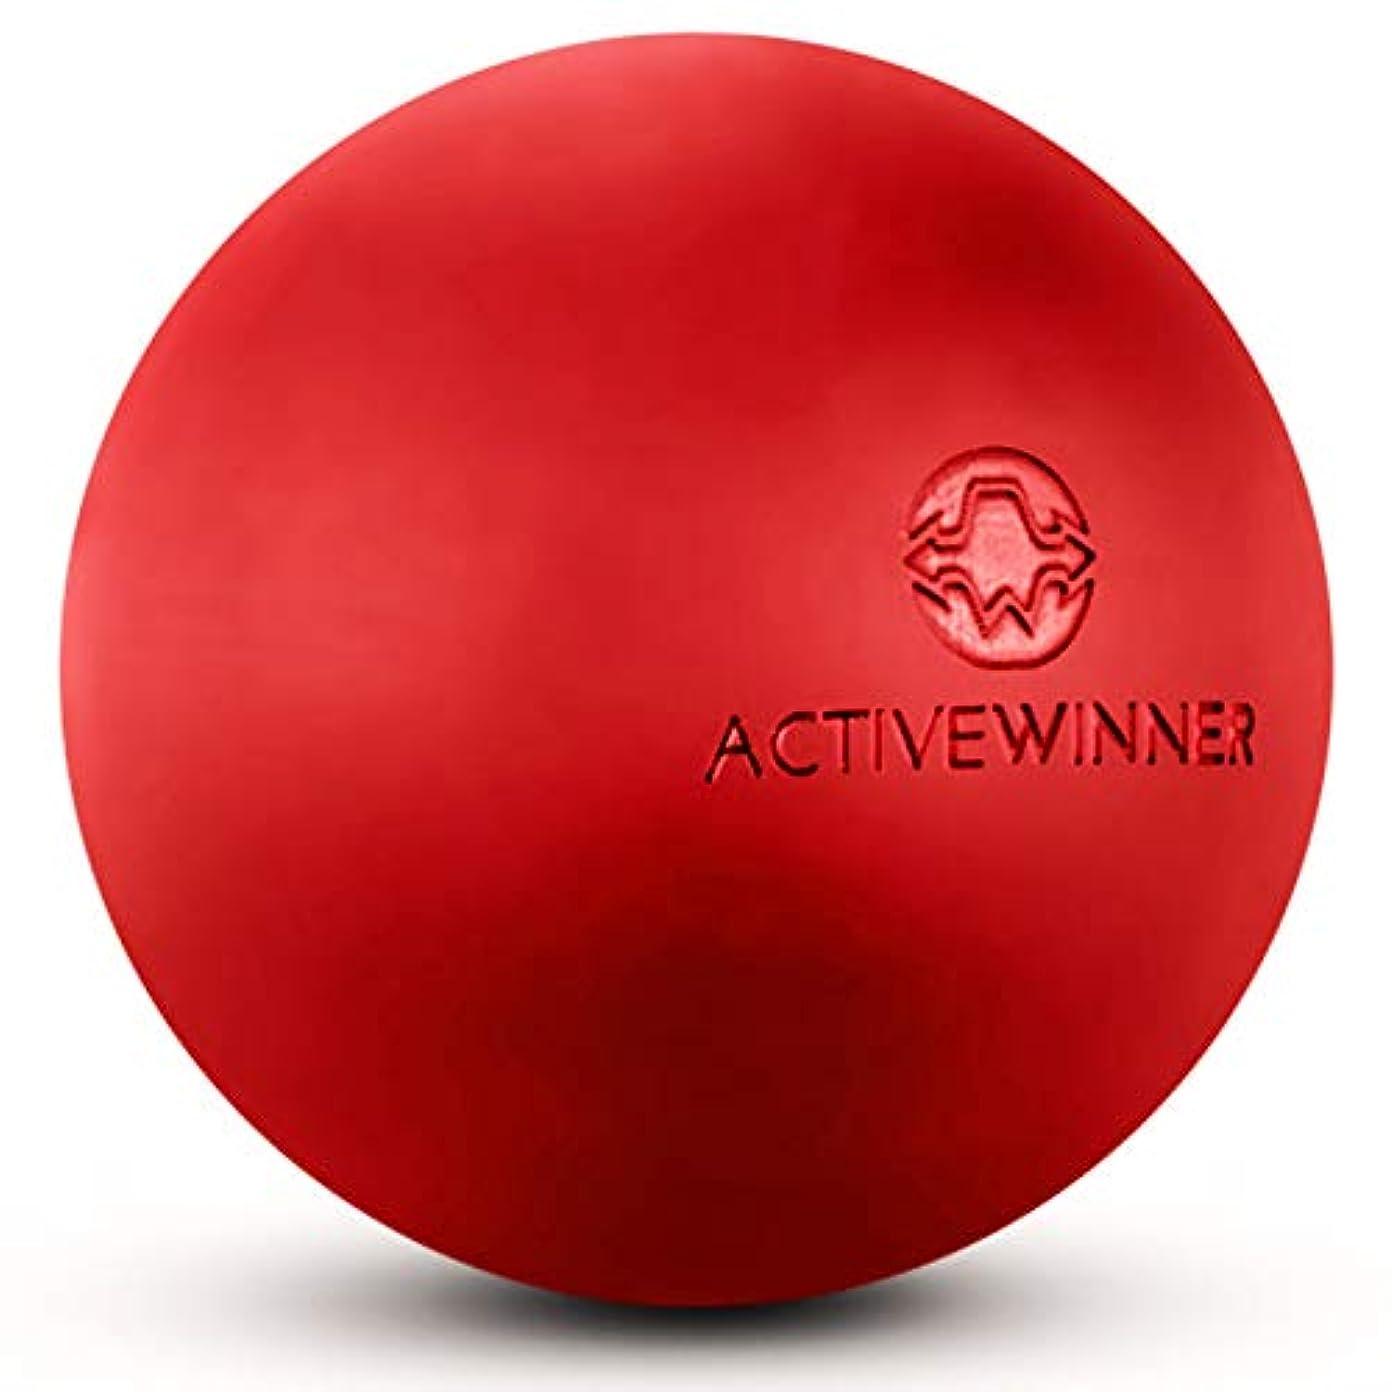 説明リアル災害Active Winner マッサージボール トリガーポイント (レッド) ストレッチボール 筋膜リリース トレーニング 背中 肩こり 腰 ふくらはぎ 足 ツボ押し